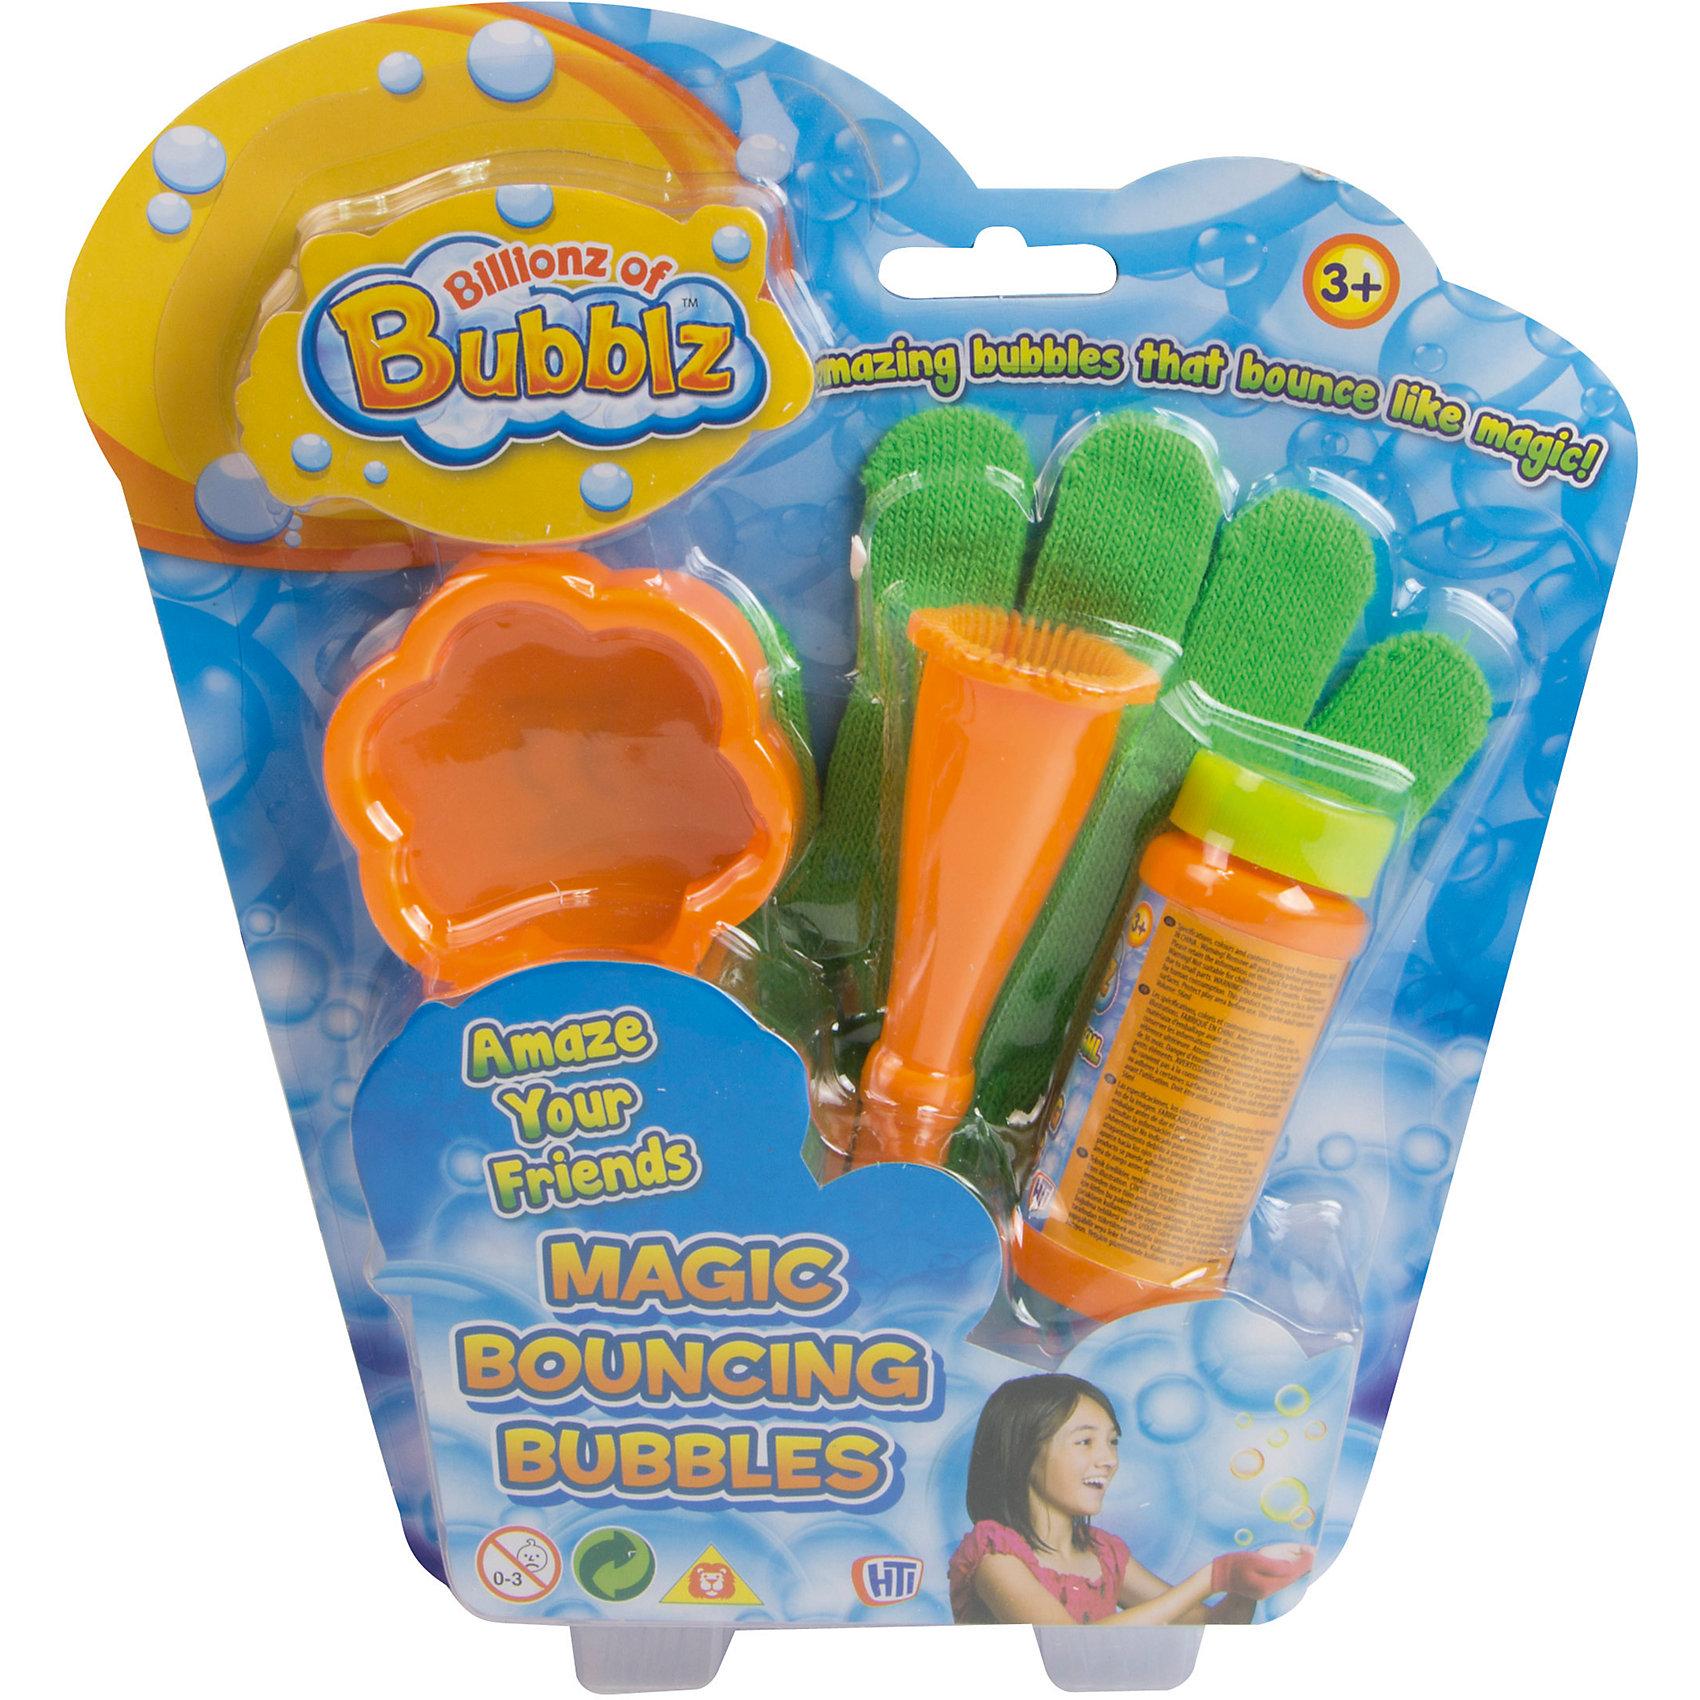 Волшебные прыгающие пузыри, HTIМыльные пузыри<br>Волшебные прыгающие пузыри, HTI<br><br>Характеристики:<br>- Состав: пластик, мыльный состав<br>- Объем: 56 мл.<br>- В набор входит: Мыльные пузыри, конус, блюдце, перчатка<br><br>Волшебные прыгающие пузыри от HTI (Ейч Ти Ай) превратят надувание пузырей в еще более увлекательную игру. Специальный конус и блюдце помогут выдувать пузыри разных размеров. Специальная перчатка позволяет трогать пузыри и не лопать их. Можно отбивать перчаткой пузыри, заставляя их прыгать. В помощью нескольких наборов можно передавать пузыри из рук в руки. Игра с пузырями поможет развить моторику рук, восприятие цветов, координацию движений и подарит много радости.<br><br>Волшебные прыгающие пузыри, HTI (Ейч Ти Ай) можно купить в нашем интернет-магазине.<br>Подробнее:<br>• Для детей в возрасте: от 3 до 10 лет <br>• Номер товара: 4753360<br>Страна производитель: Китай<br><br>Ширина мм: 250<br>Глубина мм: 43<br>Высота мм: 150<br>Вес г: 150<br>Возраст от месяцев: 36<br>Возраст до месяцев: 180<br>Пол: Унисекс<br>Возраст: Детский<br>SKU: 4753360